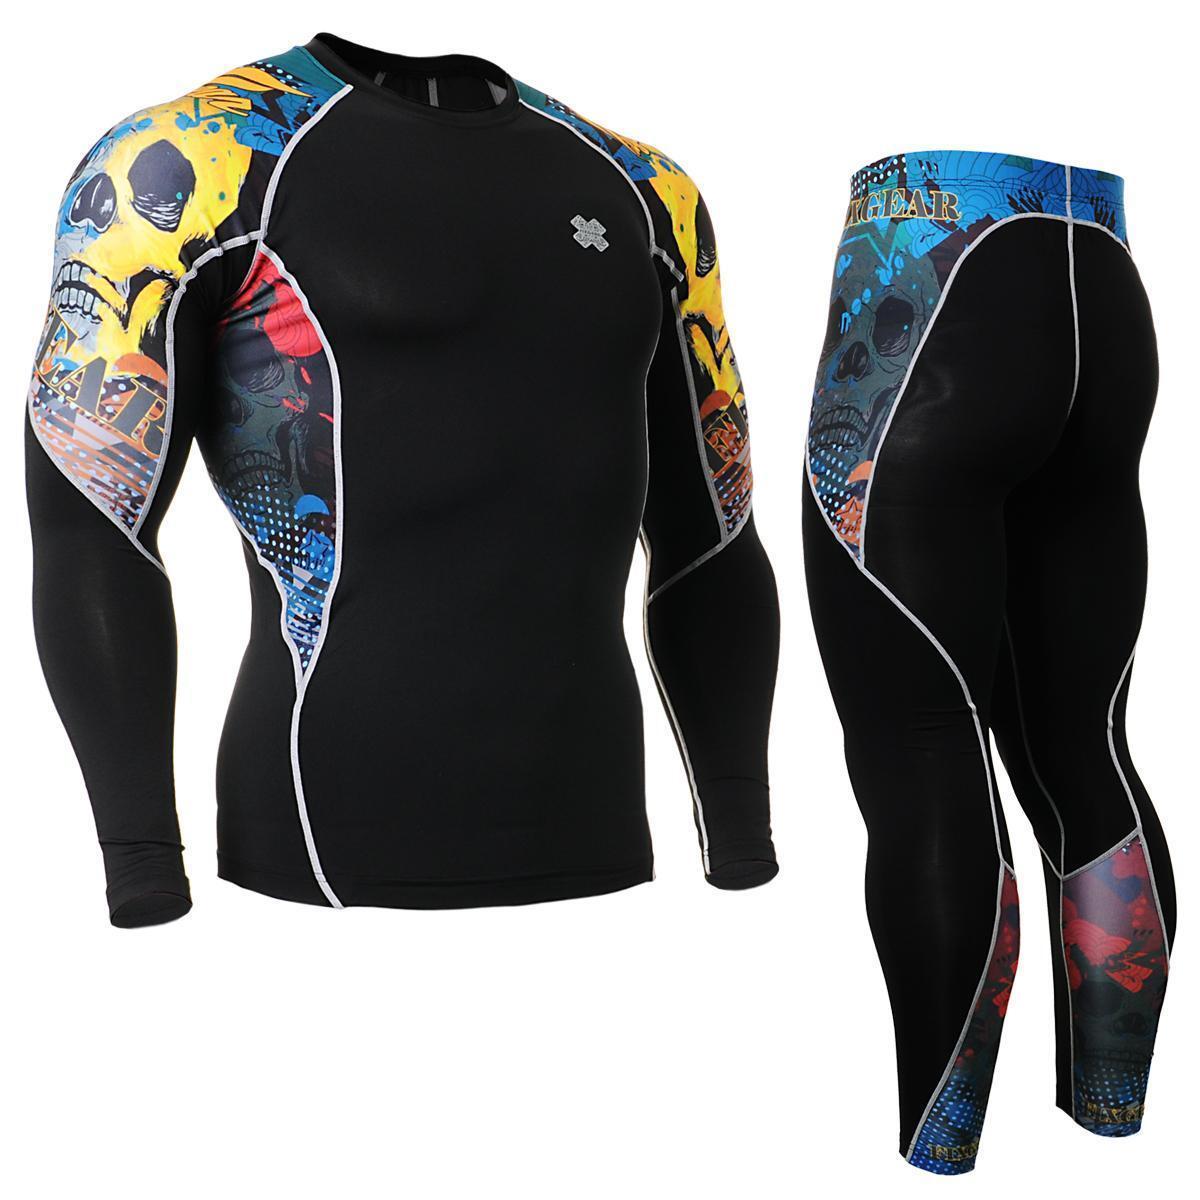 FIXGEAR C2L P2L-B46 Compression Shirts & Pants Set Sportswear MMA Training Gym